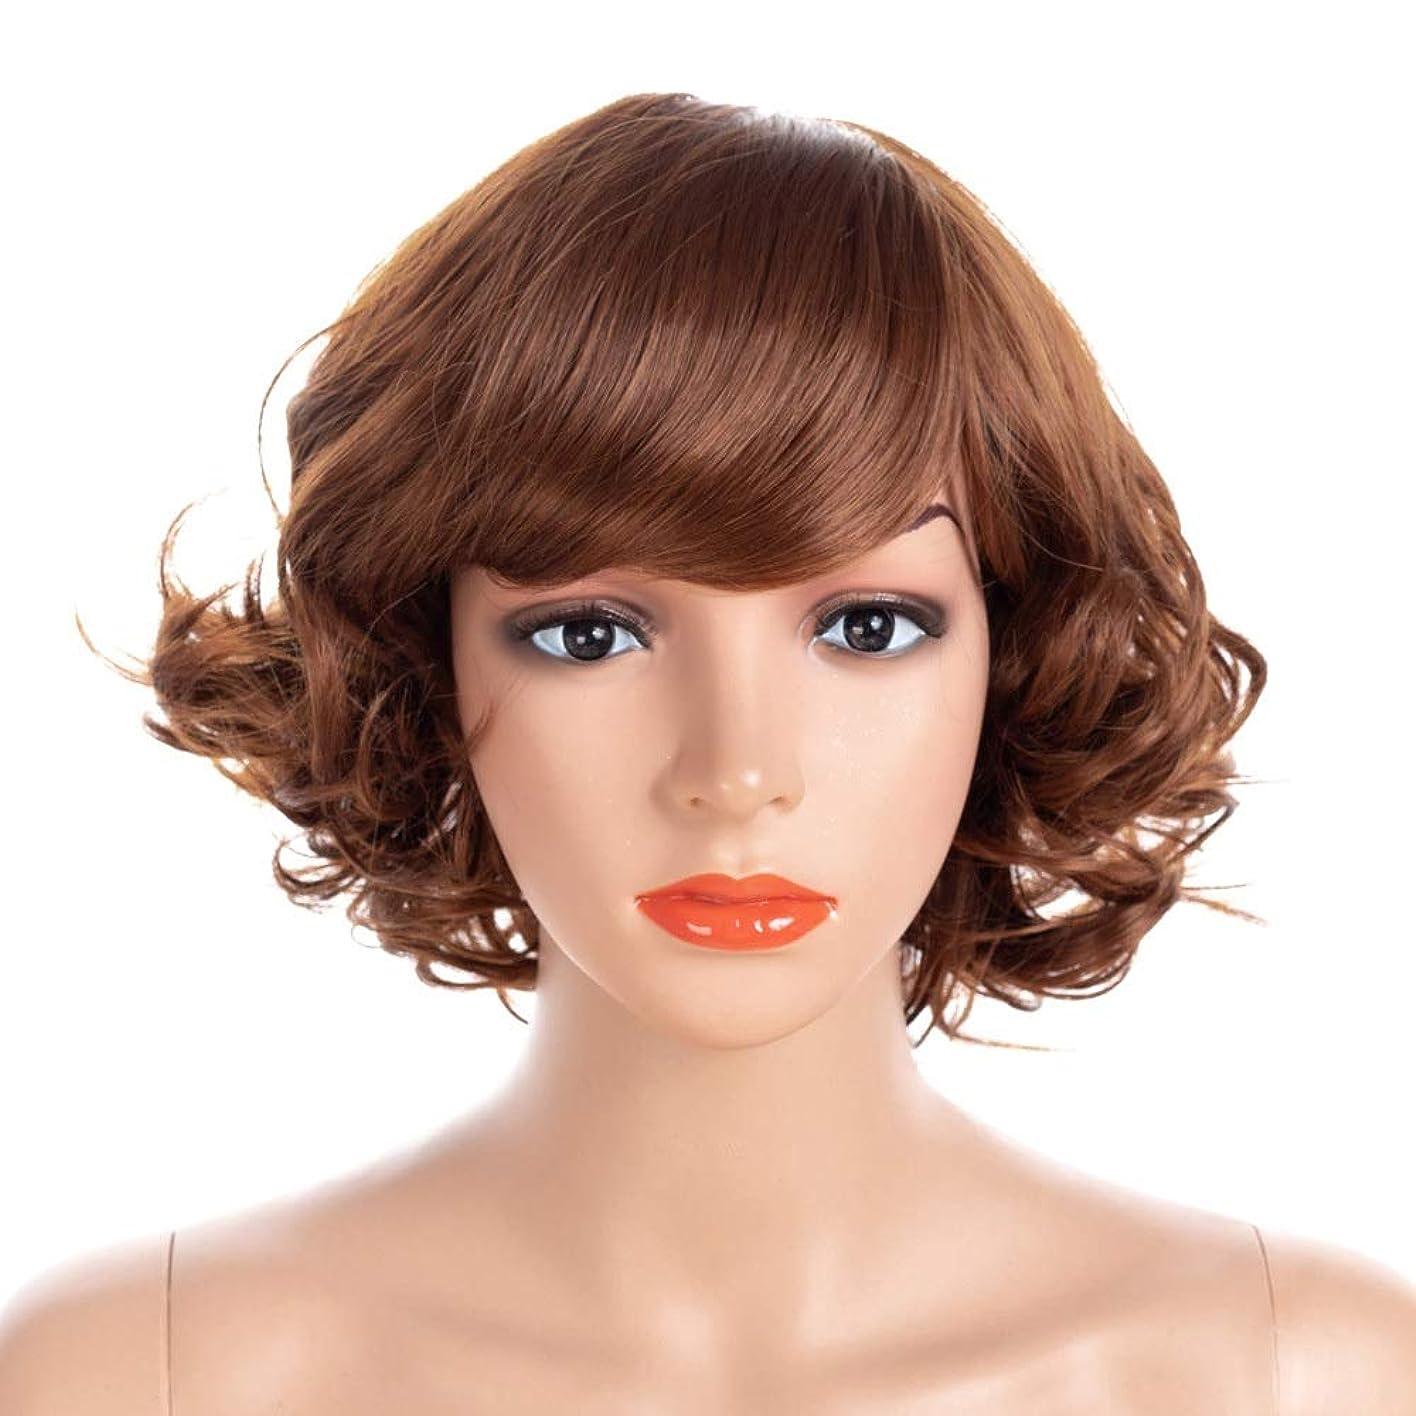 フラグラント教室挨拶するIsikawan 女性のためのファンシードレス&コスプレパーティー高品質ナチュラル探しのための茶色の短い波状の巻き毛のかつら (色 : ブラウン, サイズ : 40cm)